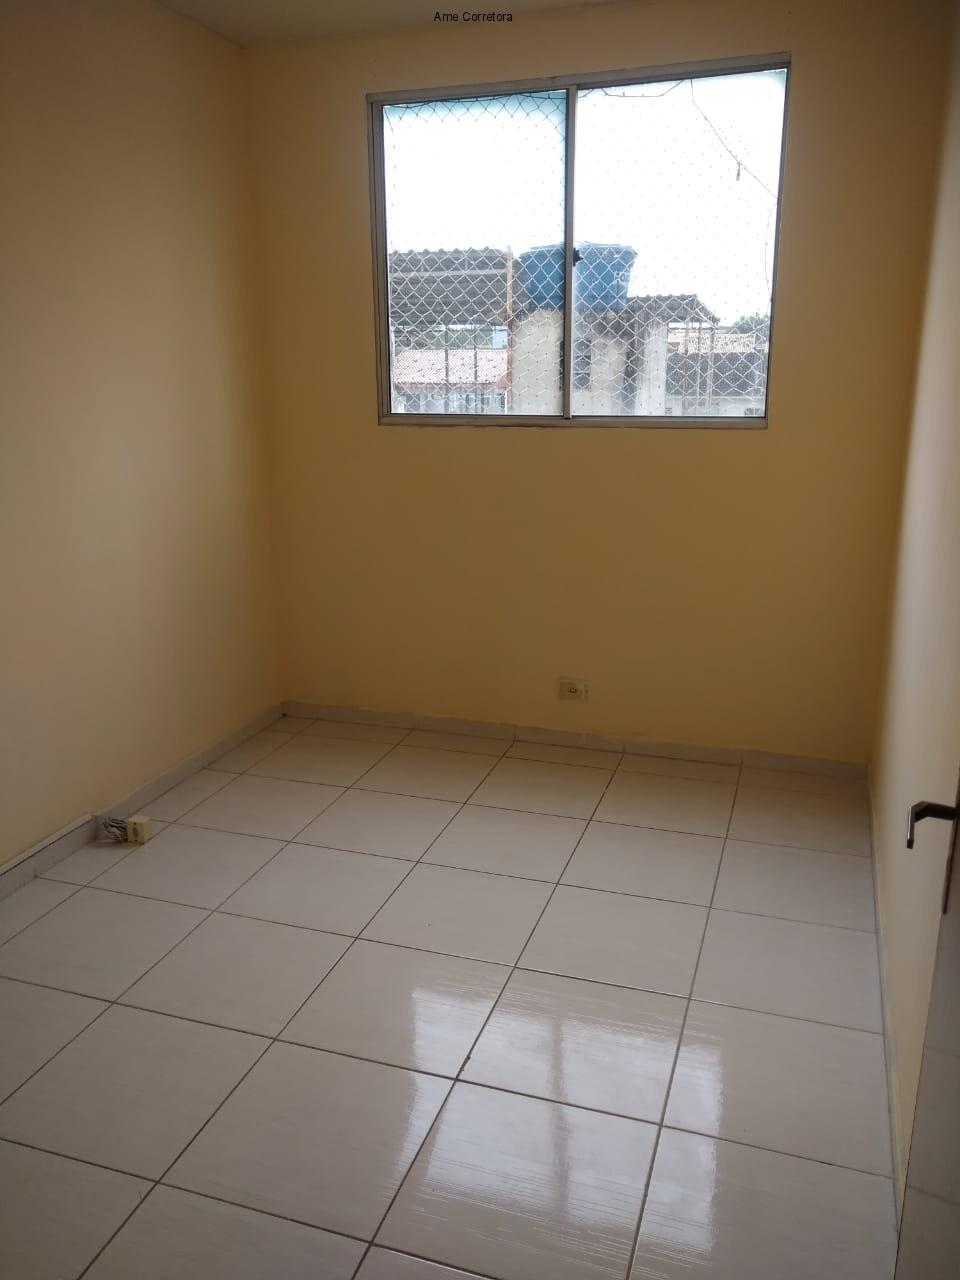 FOTO 02 - Apartamento 2 quartos para alugar Santíssimo, Rio de Janeiro - R$ 885 - AP00405 - 3